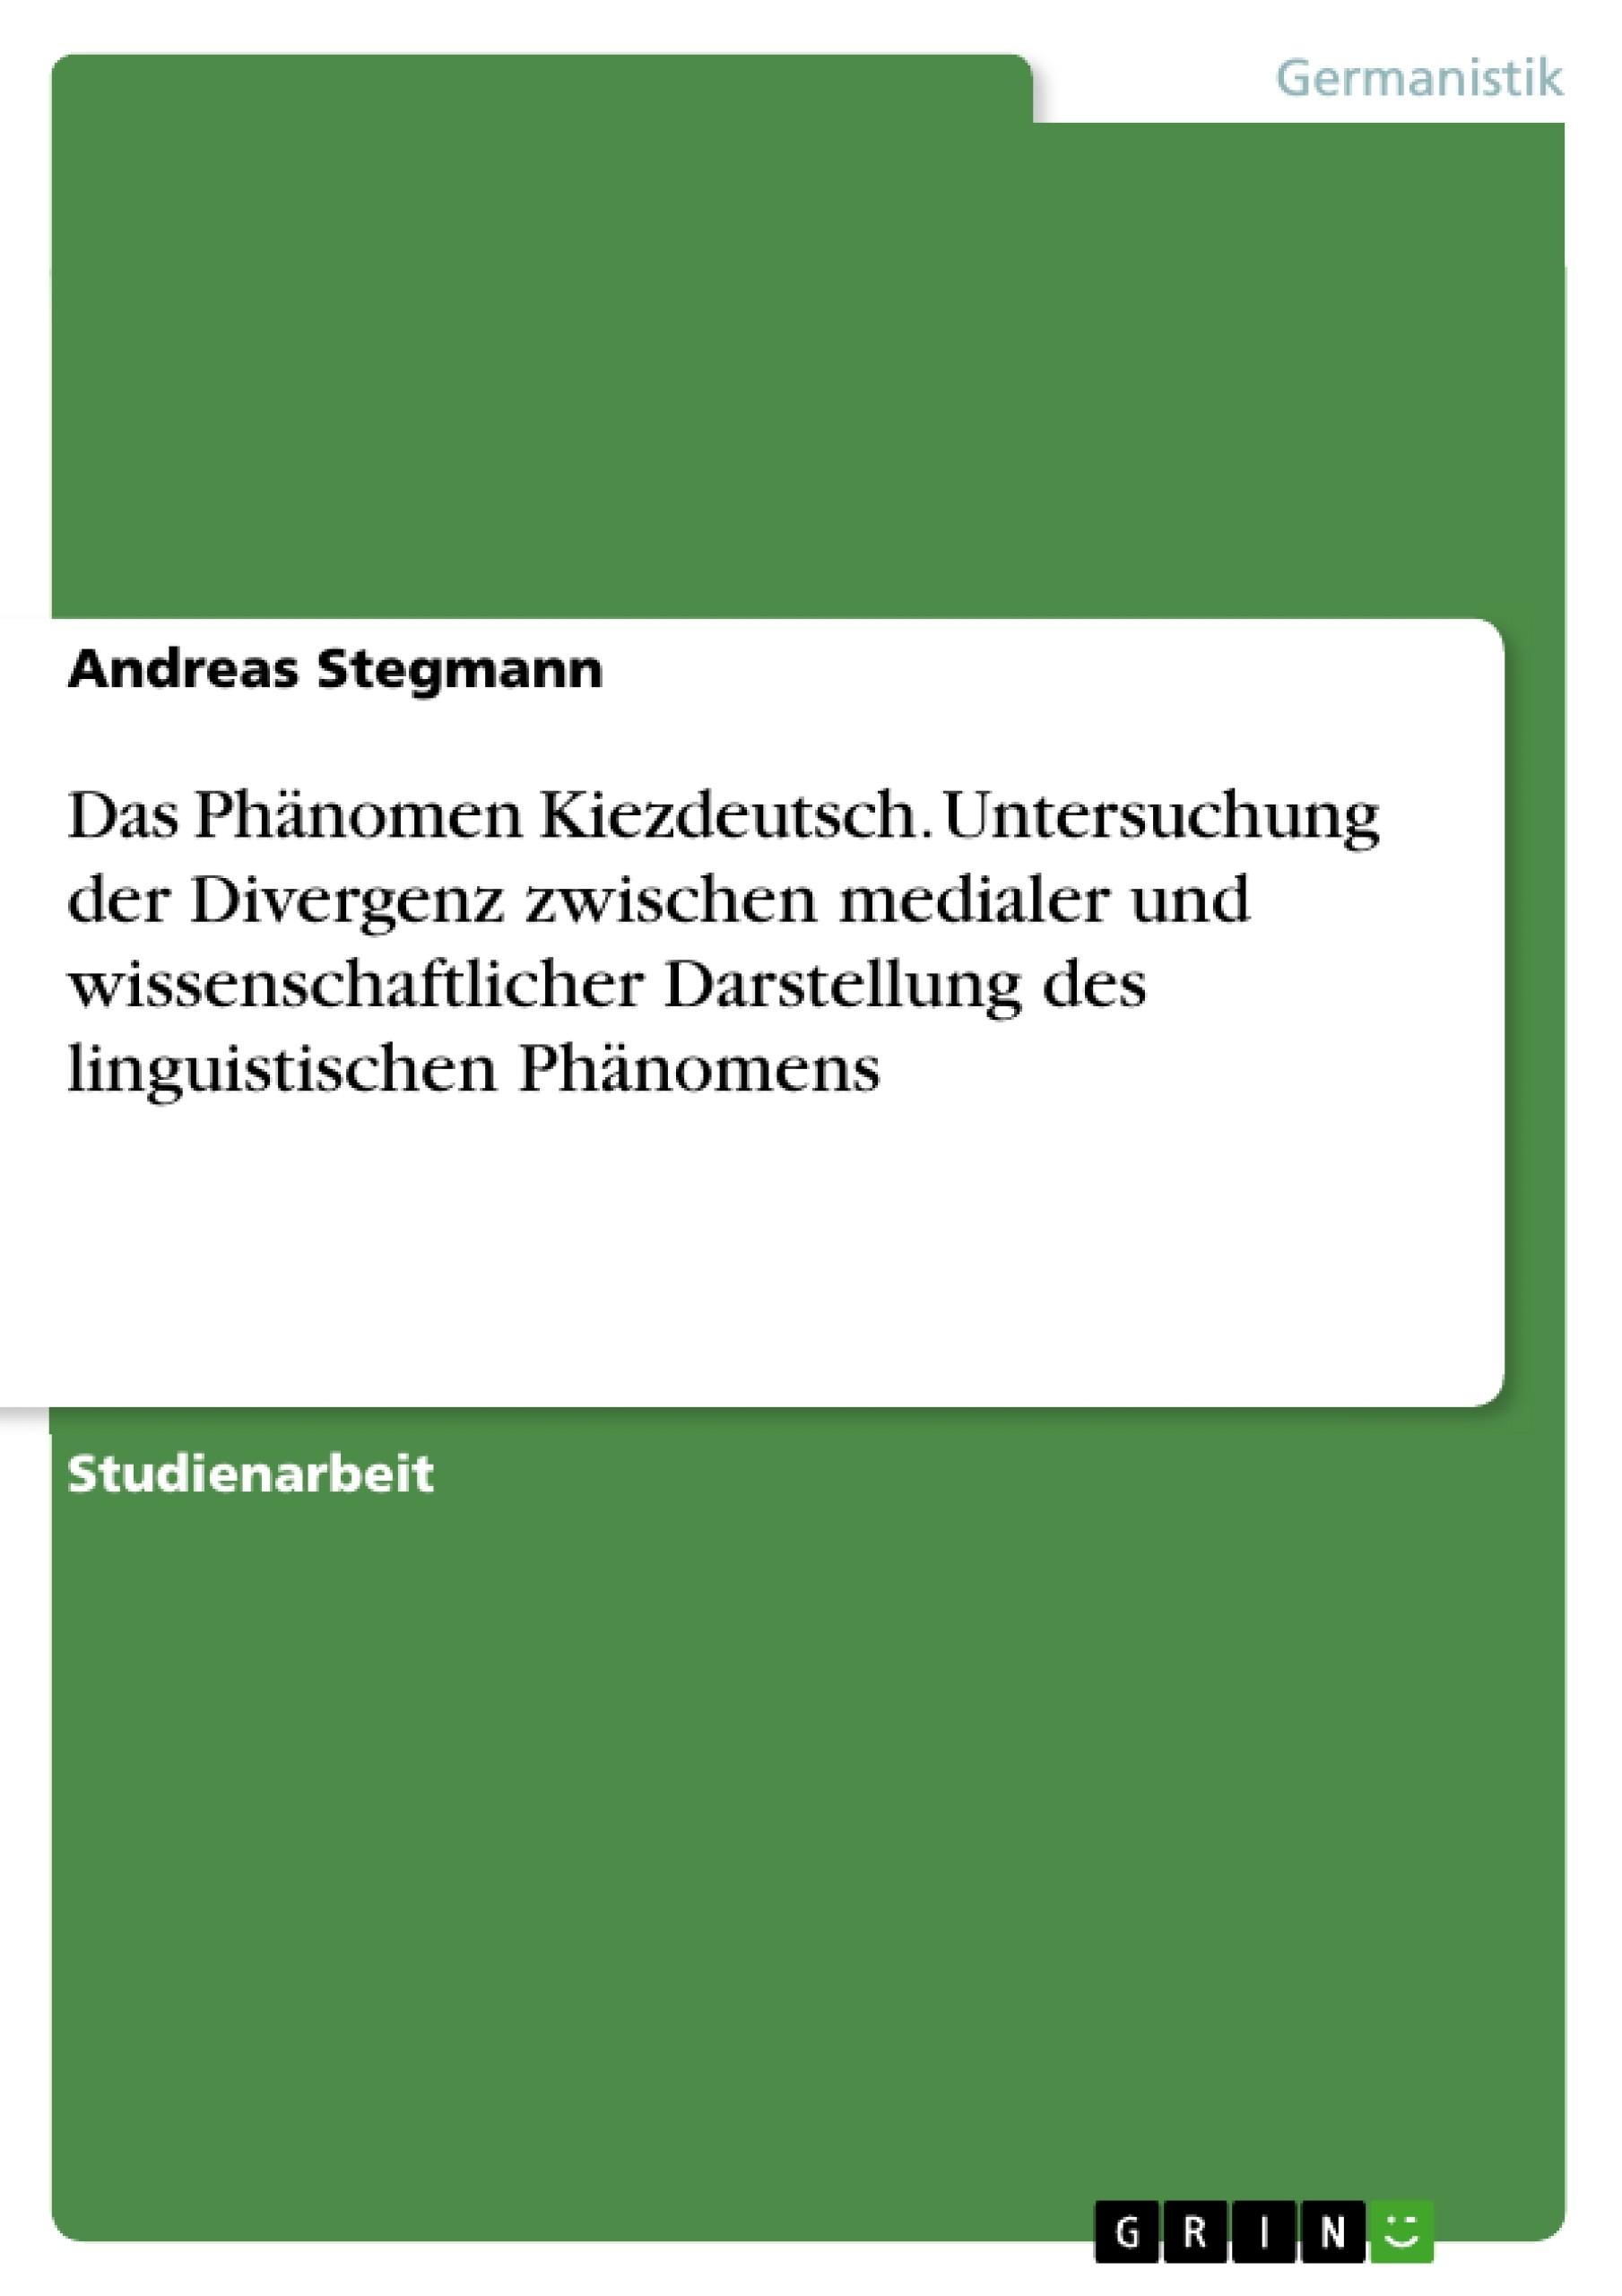 Titel: Das Phänomen Kiezdeutsch. Untersuchung der Divergenz zwischen medialer und wissenschaftlicher  Darstellung des linguistischen Phänomens